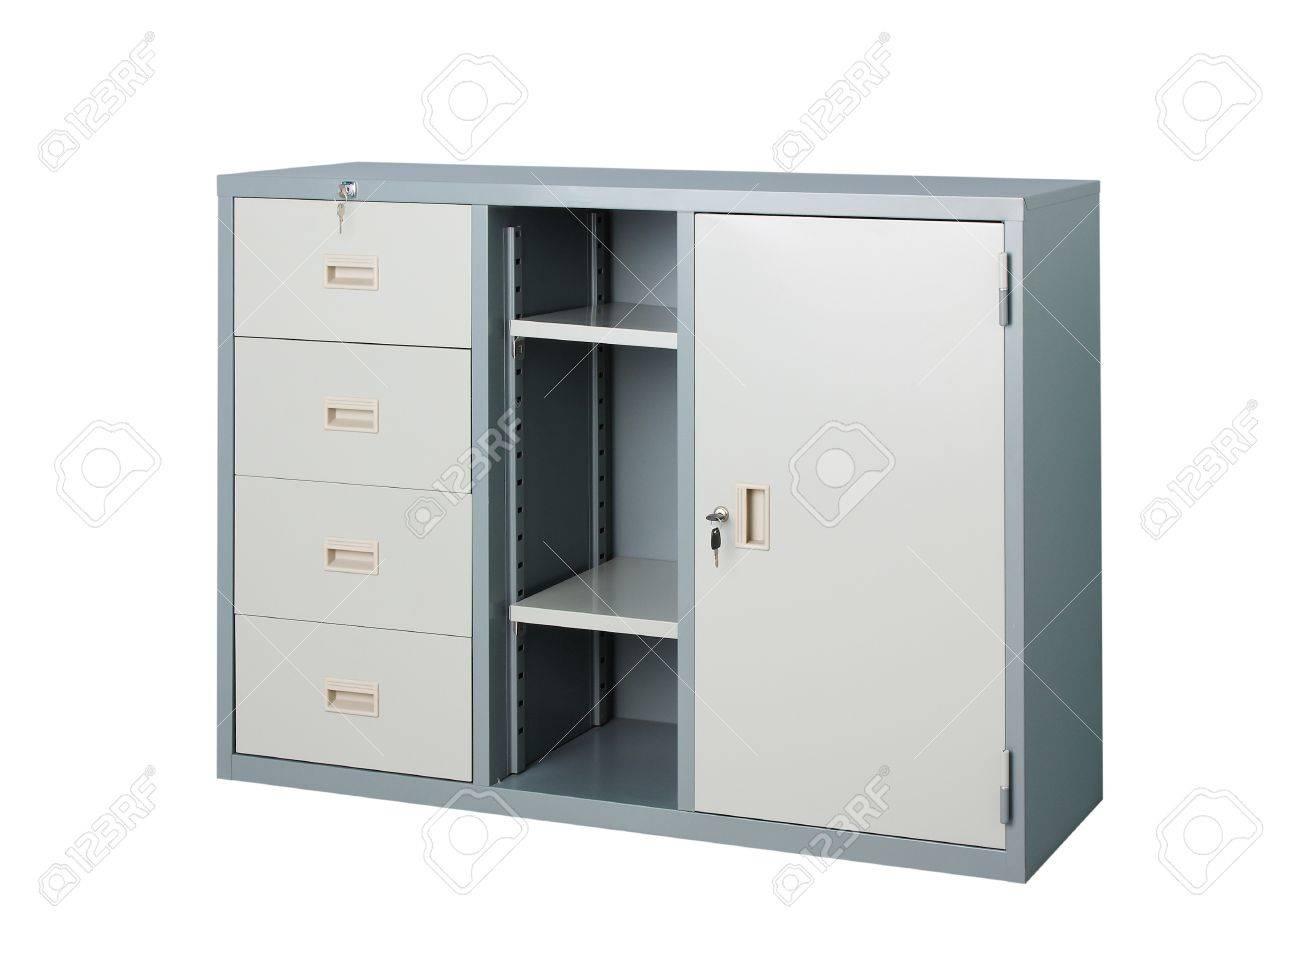 Bureau Pour Usine : Métal acier pour lusine ou du mobilier de bureau banque dimages et